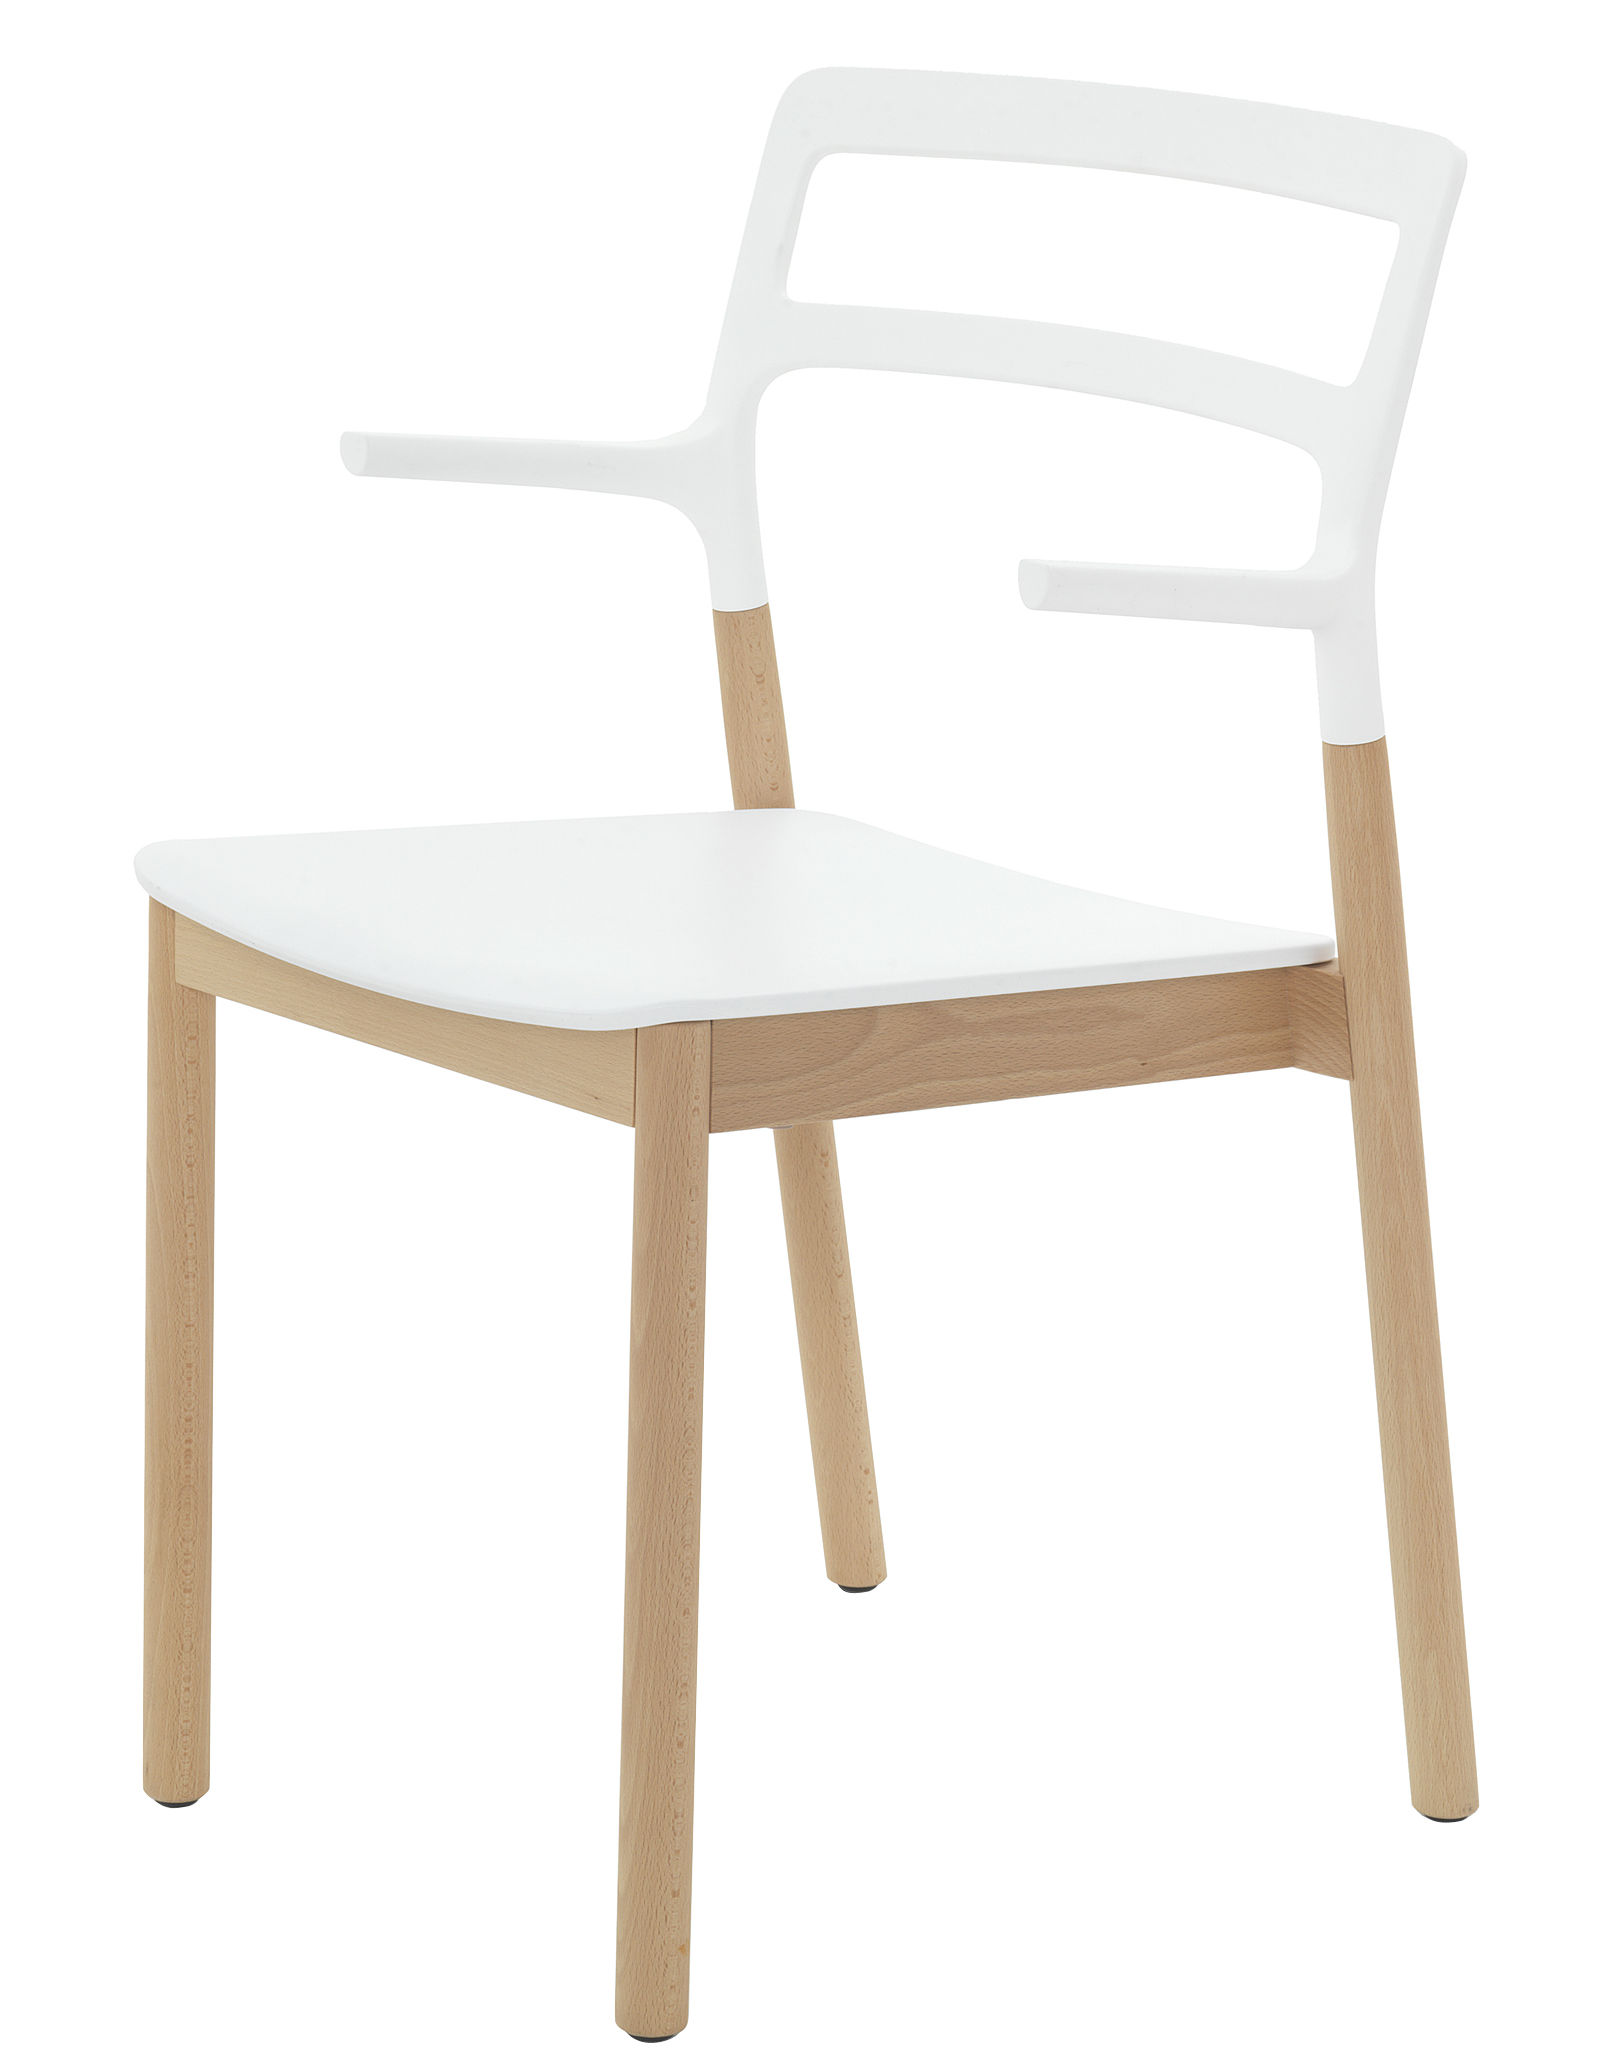 Mobilier - Chaises, fauteuils de salle à manger - Fauteuil empilable Florinda / Bois et plastique - De Padova - Blanc - Hêtre naturel, Matériau plastique